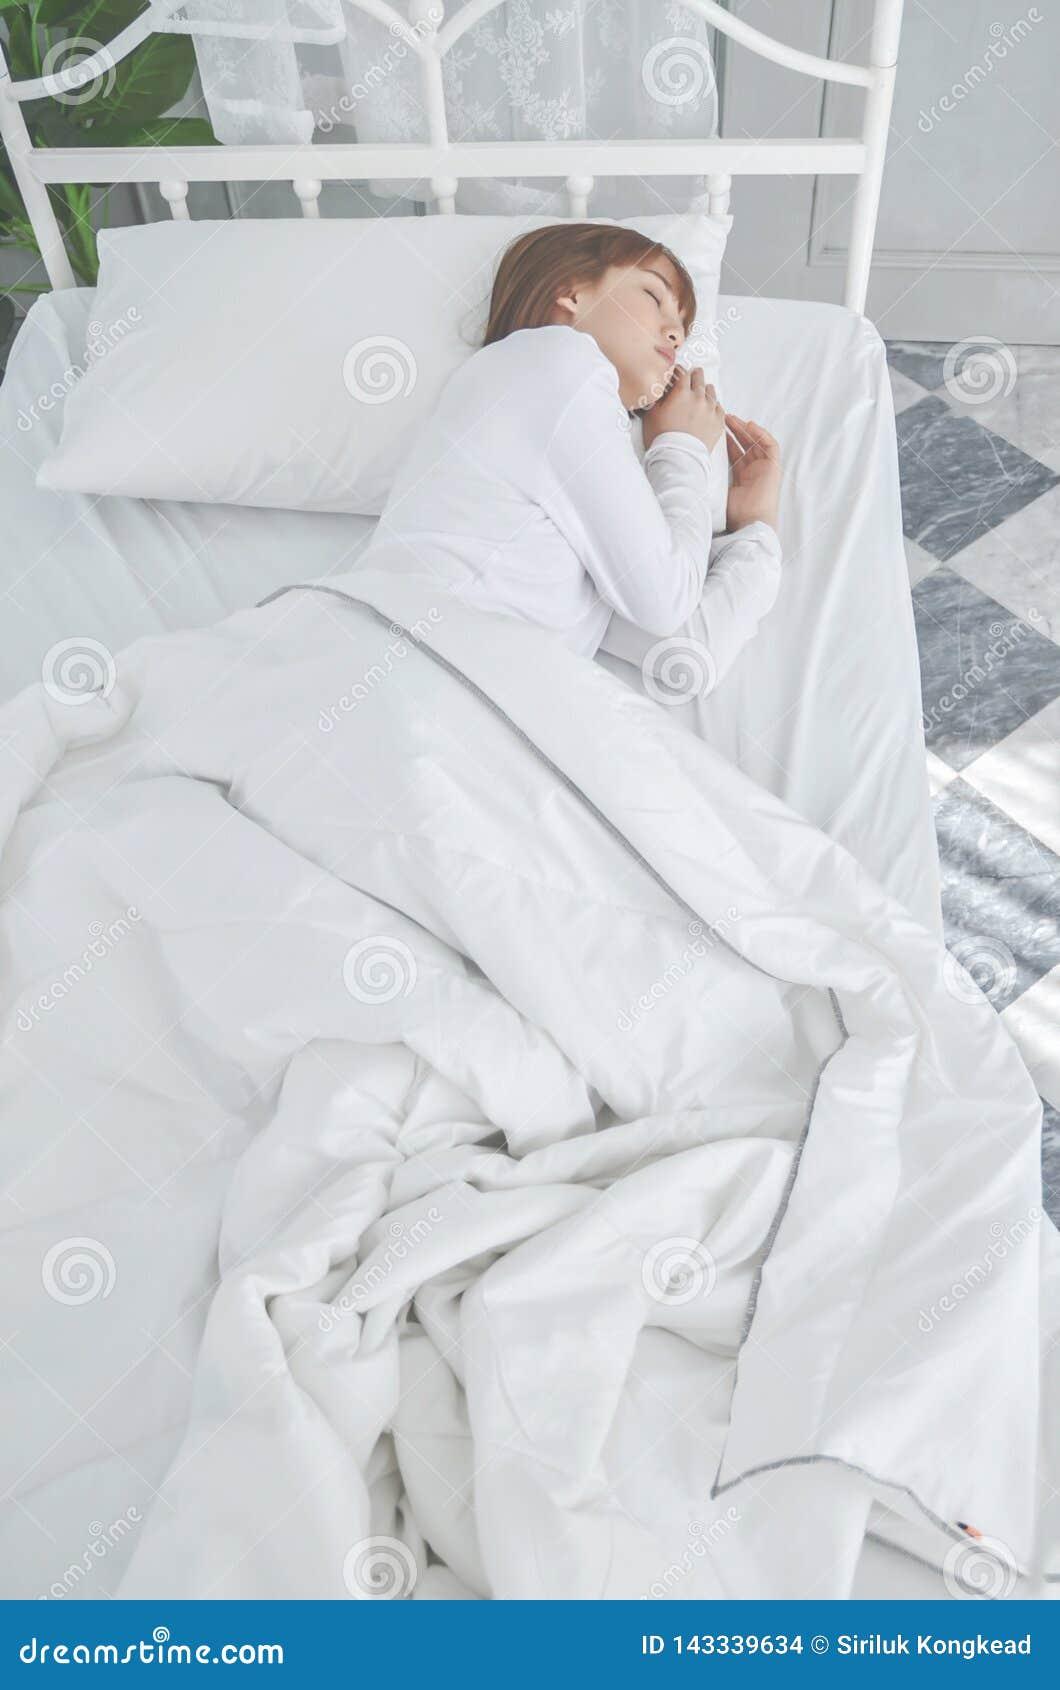 Die Frauen, die wei?e Pyjamas tragen, stehen auf der Matratze still